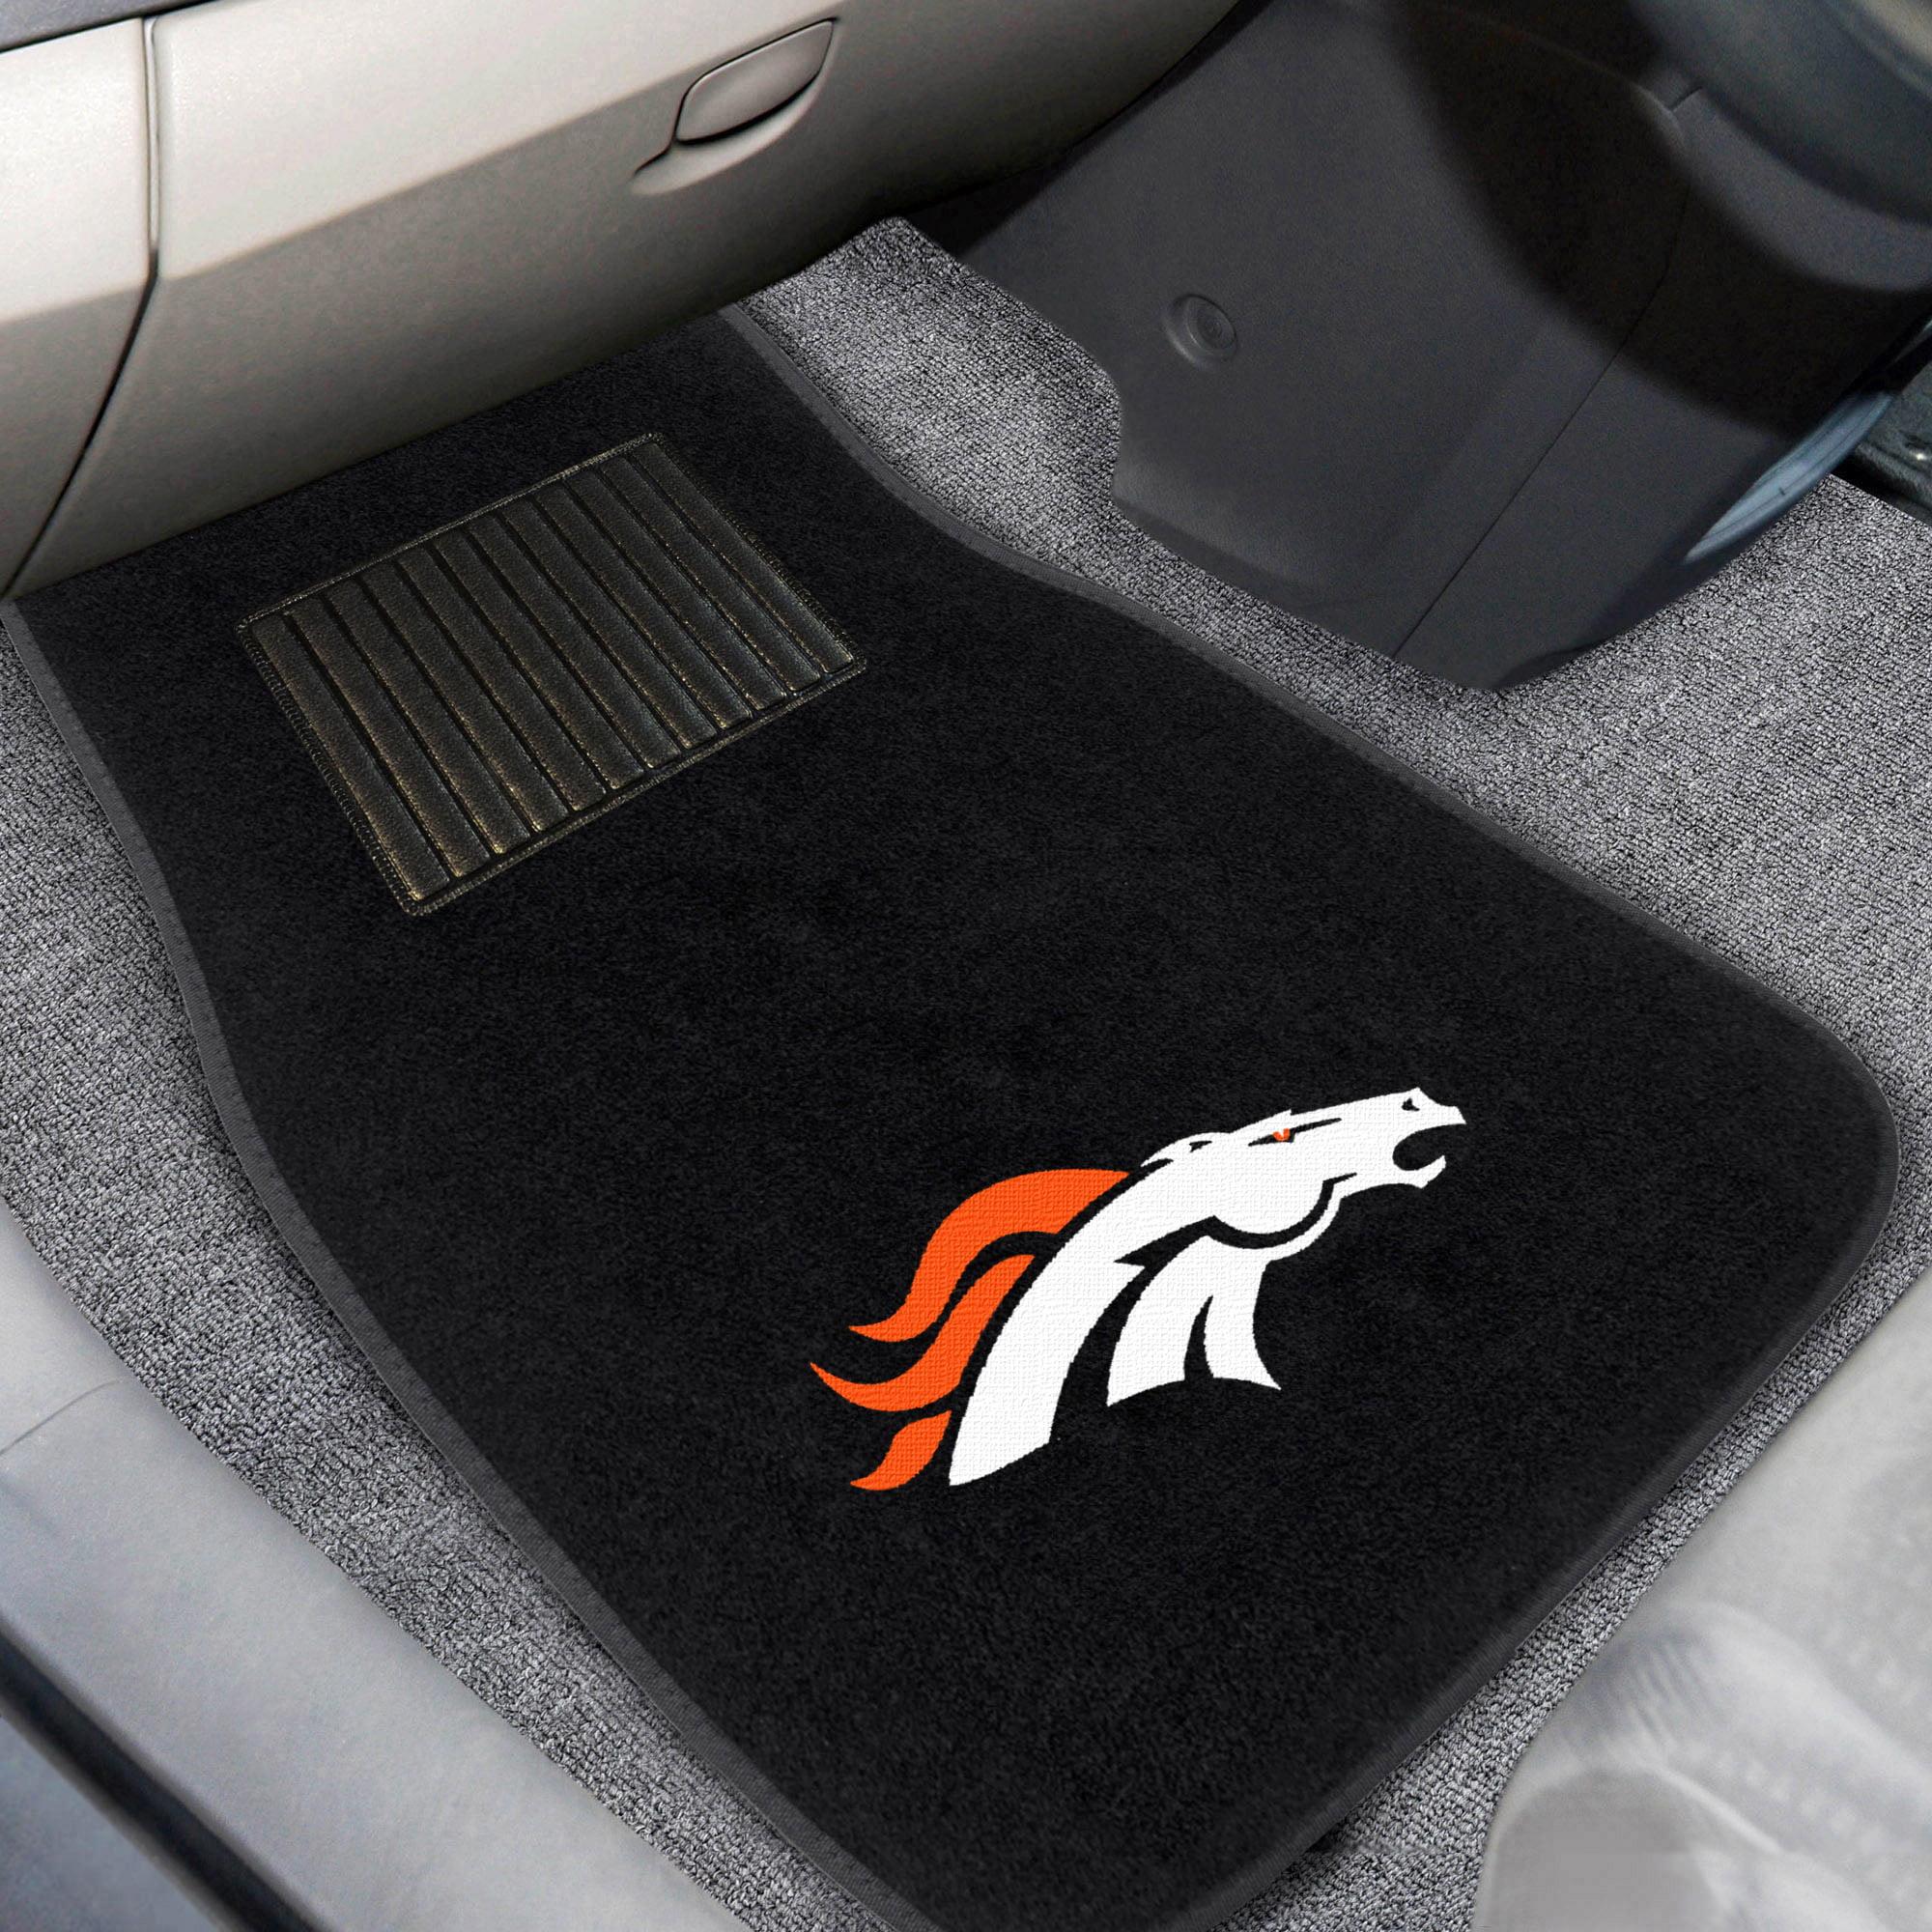 Denver Broncos 2-Piece Embroidered Car Mat Set - No Size